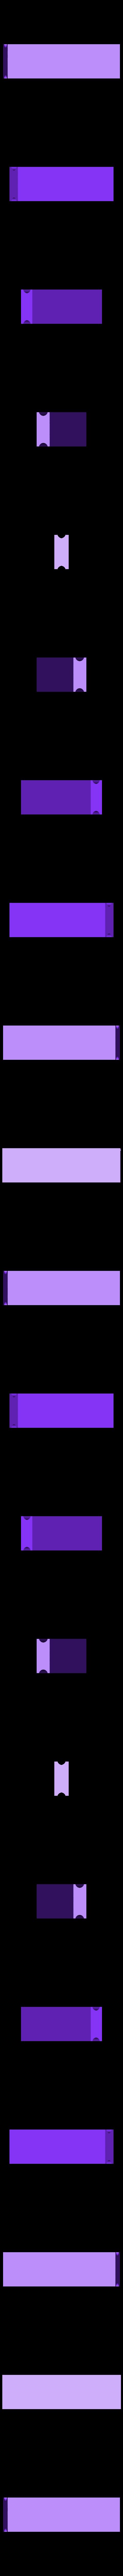 MGN-12H_Loader.stl Télécharger fichier STL gratuit MGN-12H Chargeur de chariot • Objet imprimable en 3D, MGX